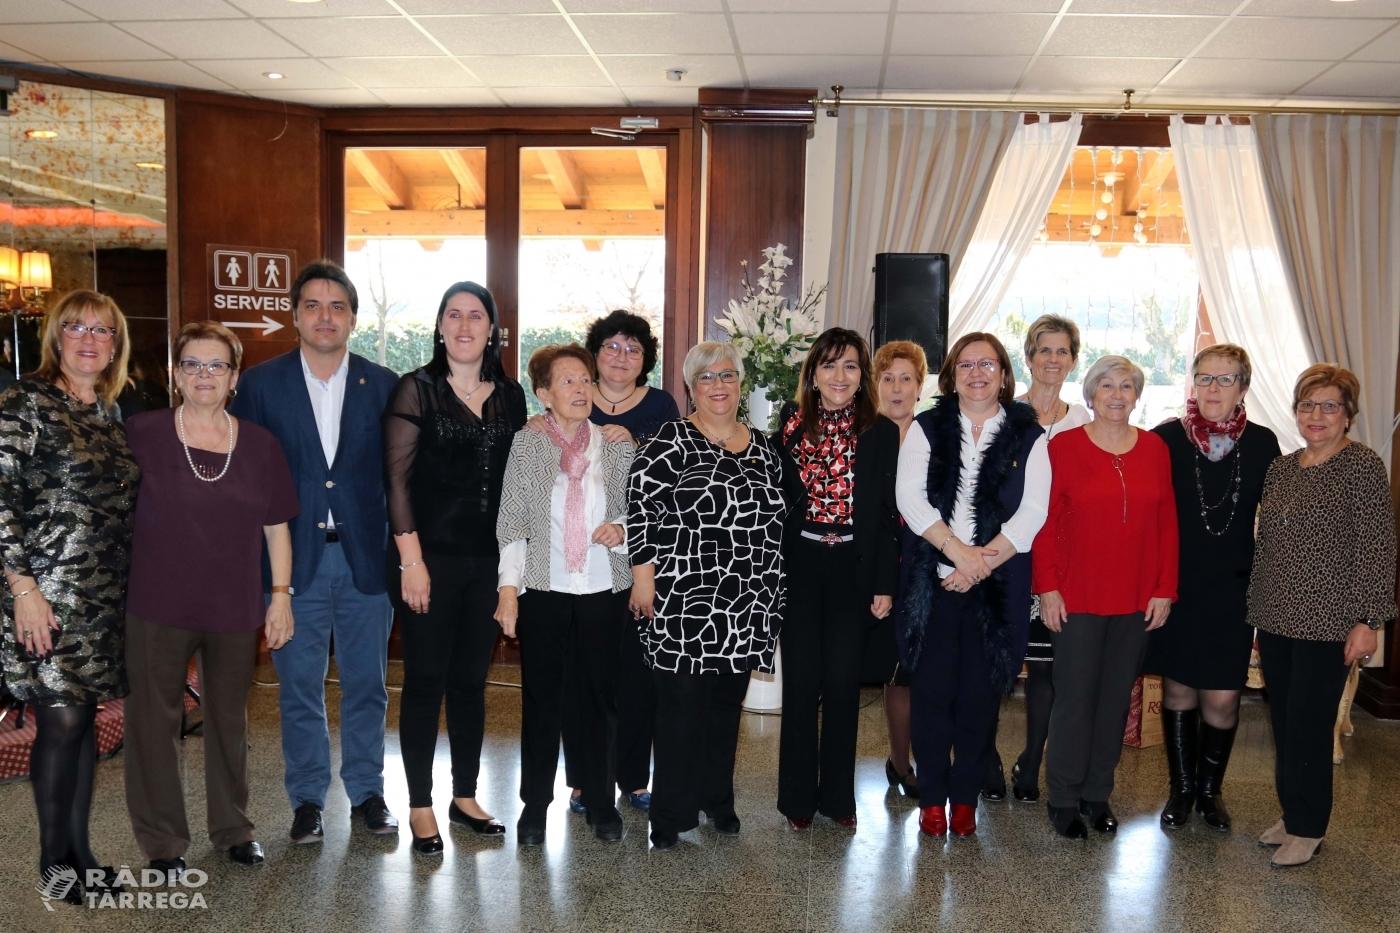 Les Dones Arrel de Tàrrega celebren els actes de Santa Àgueda